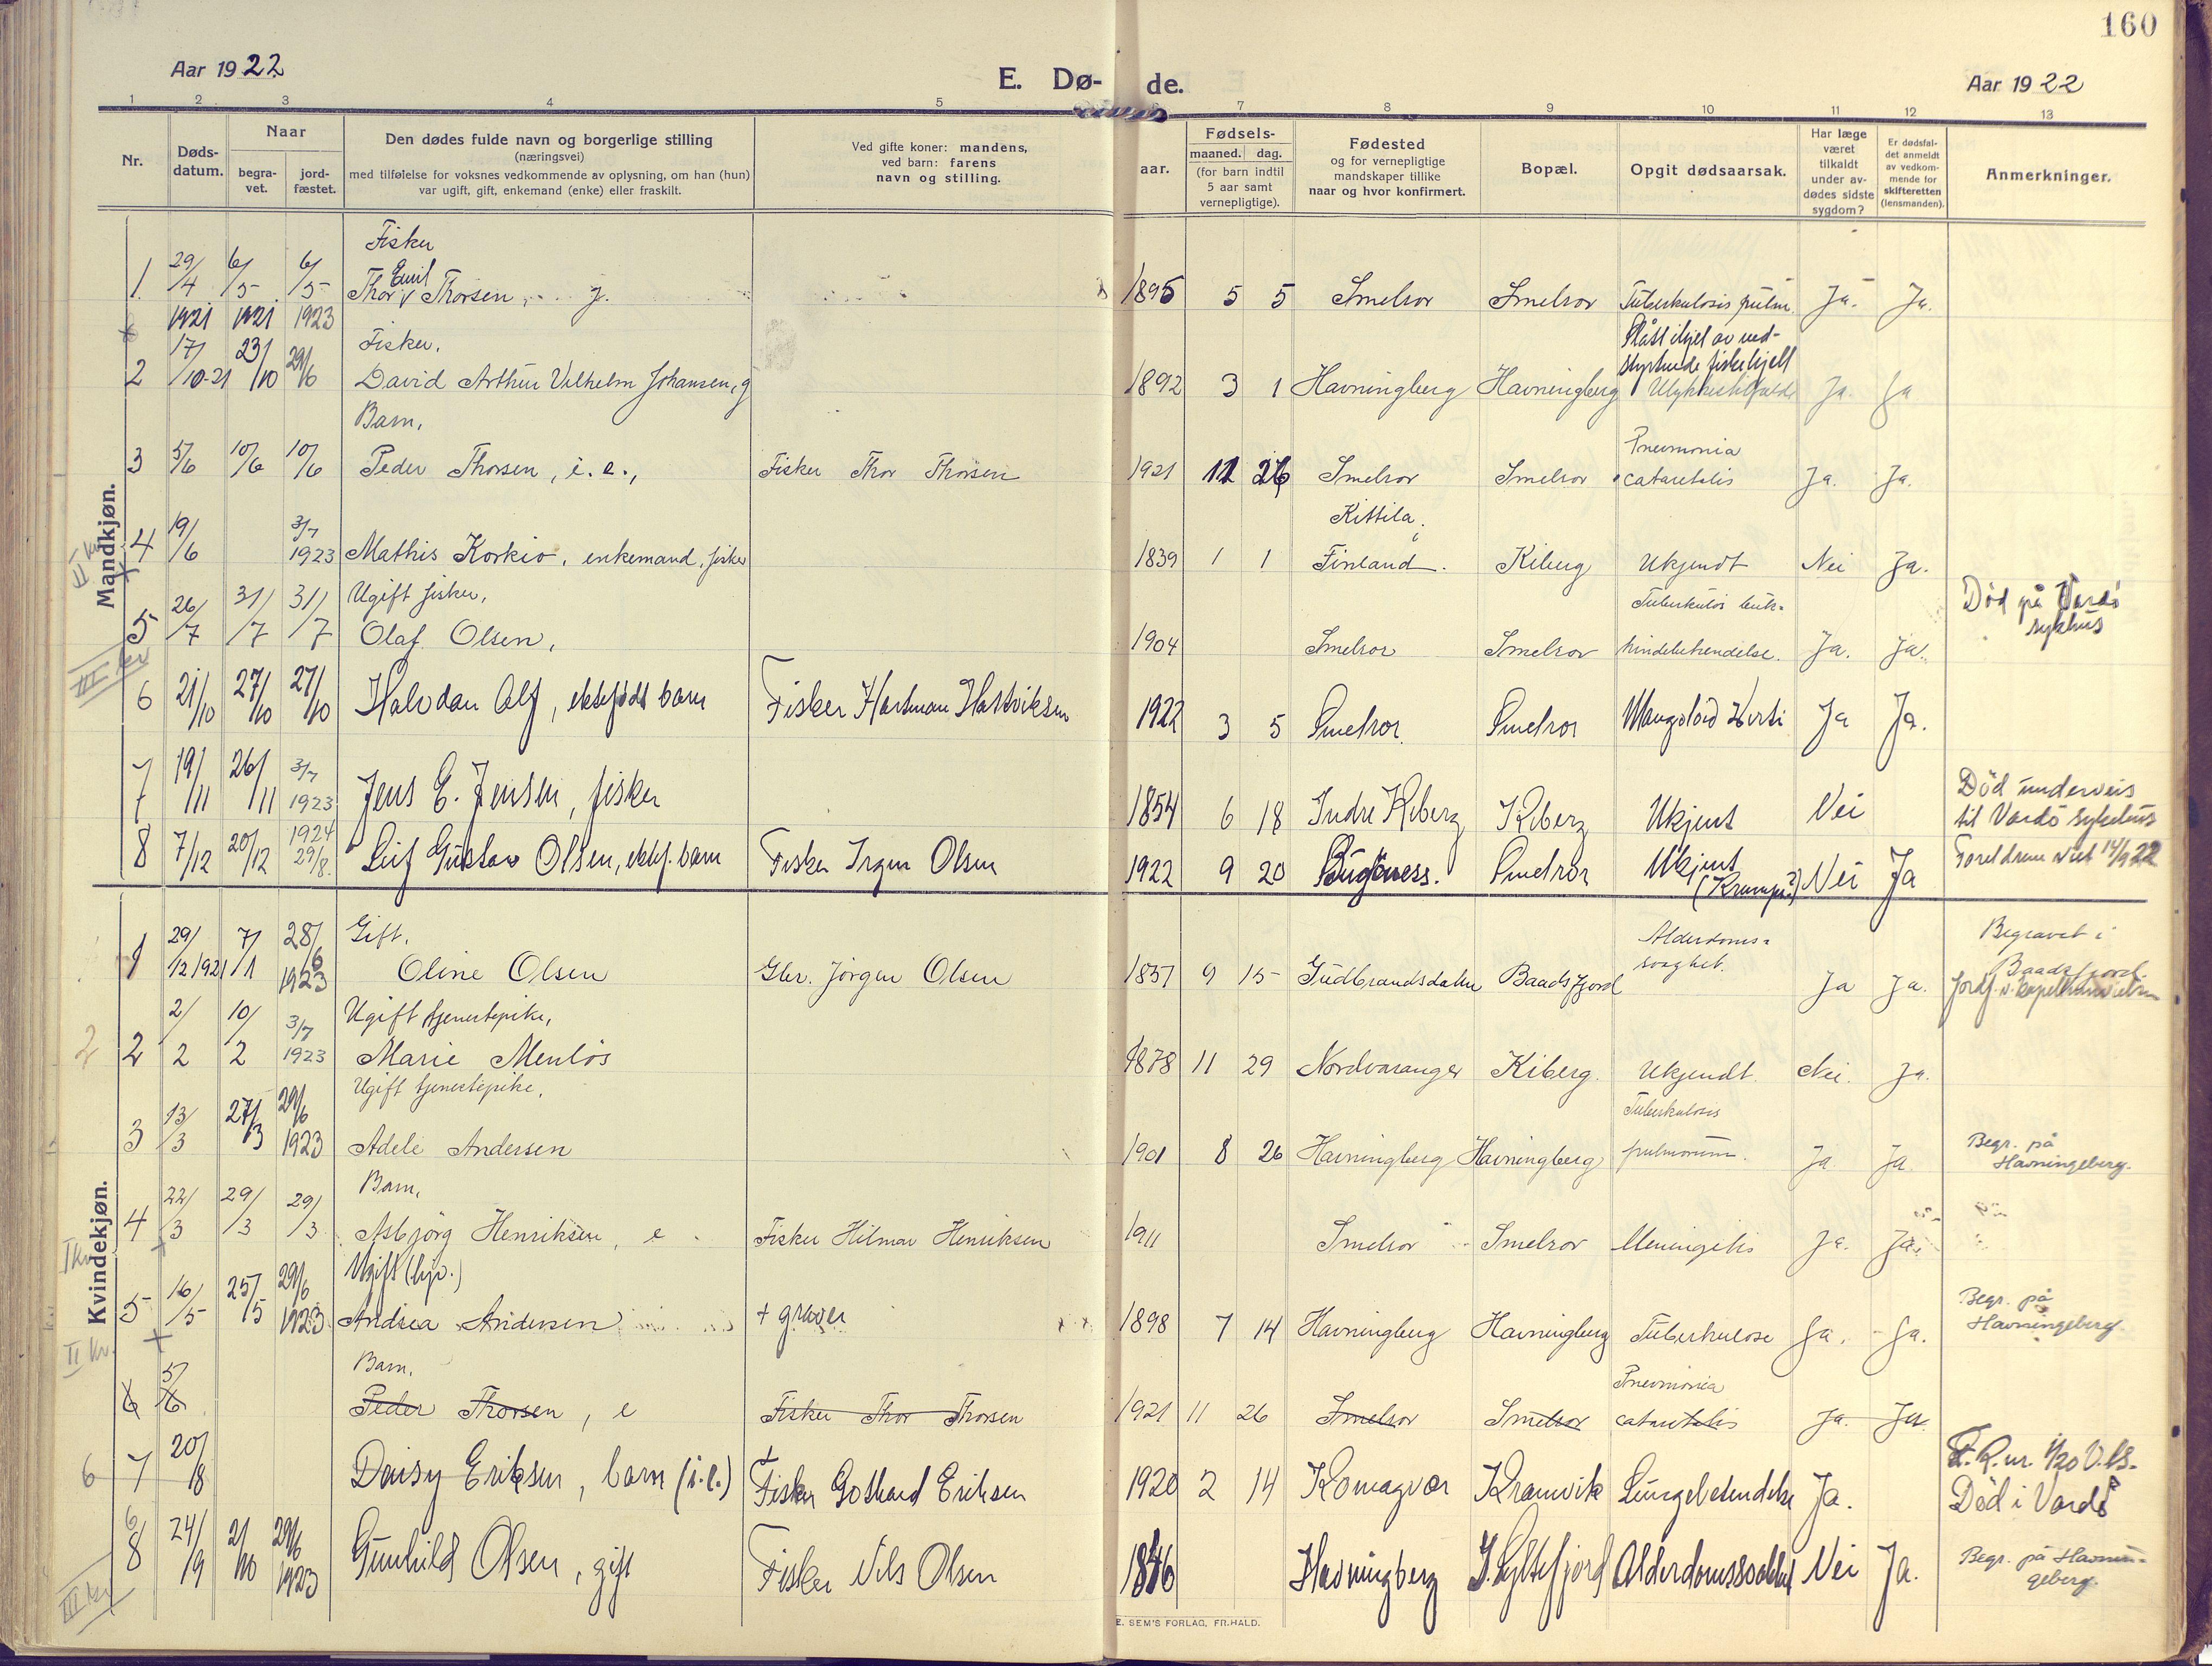 SATØ, Vardø sokneprestkontor, H/Ha/L0013kirke: Ministerialbok nr. 13, 1912-1928, s. 160